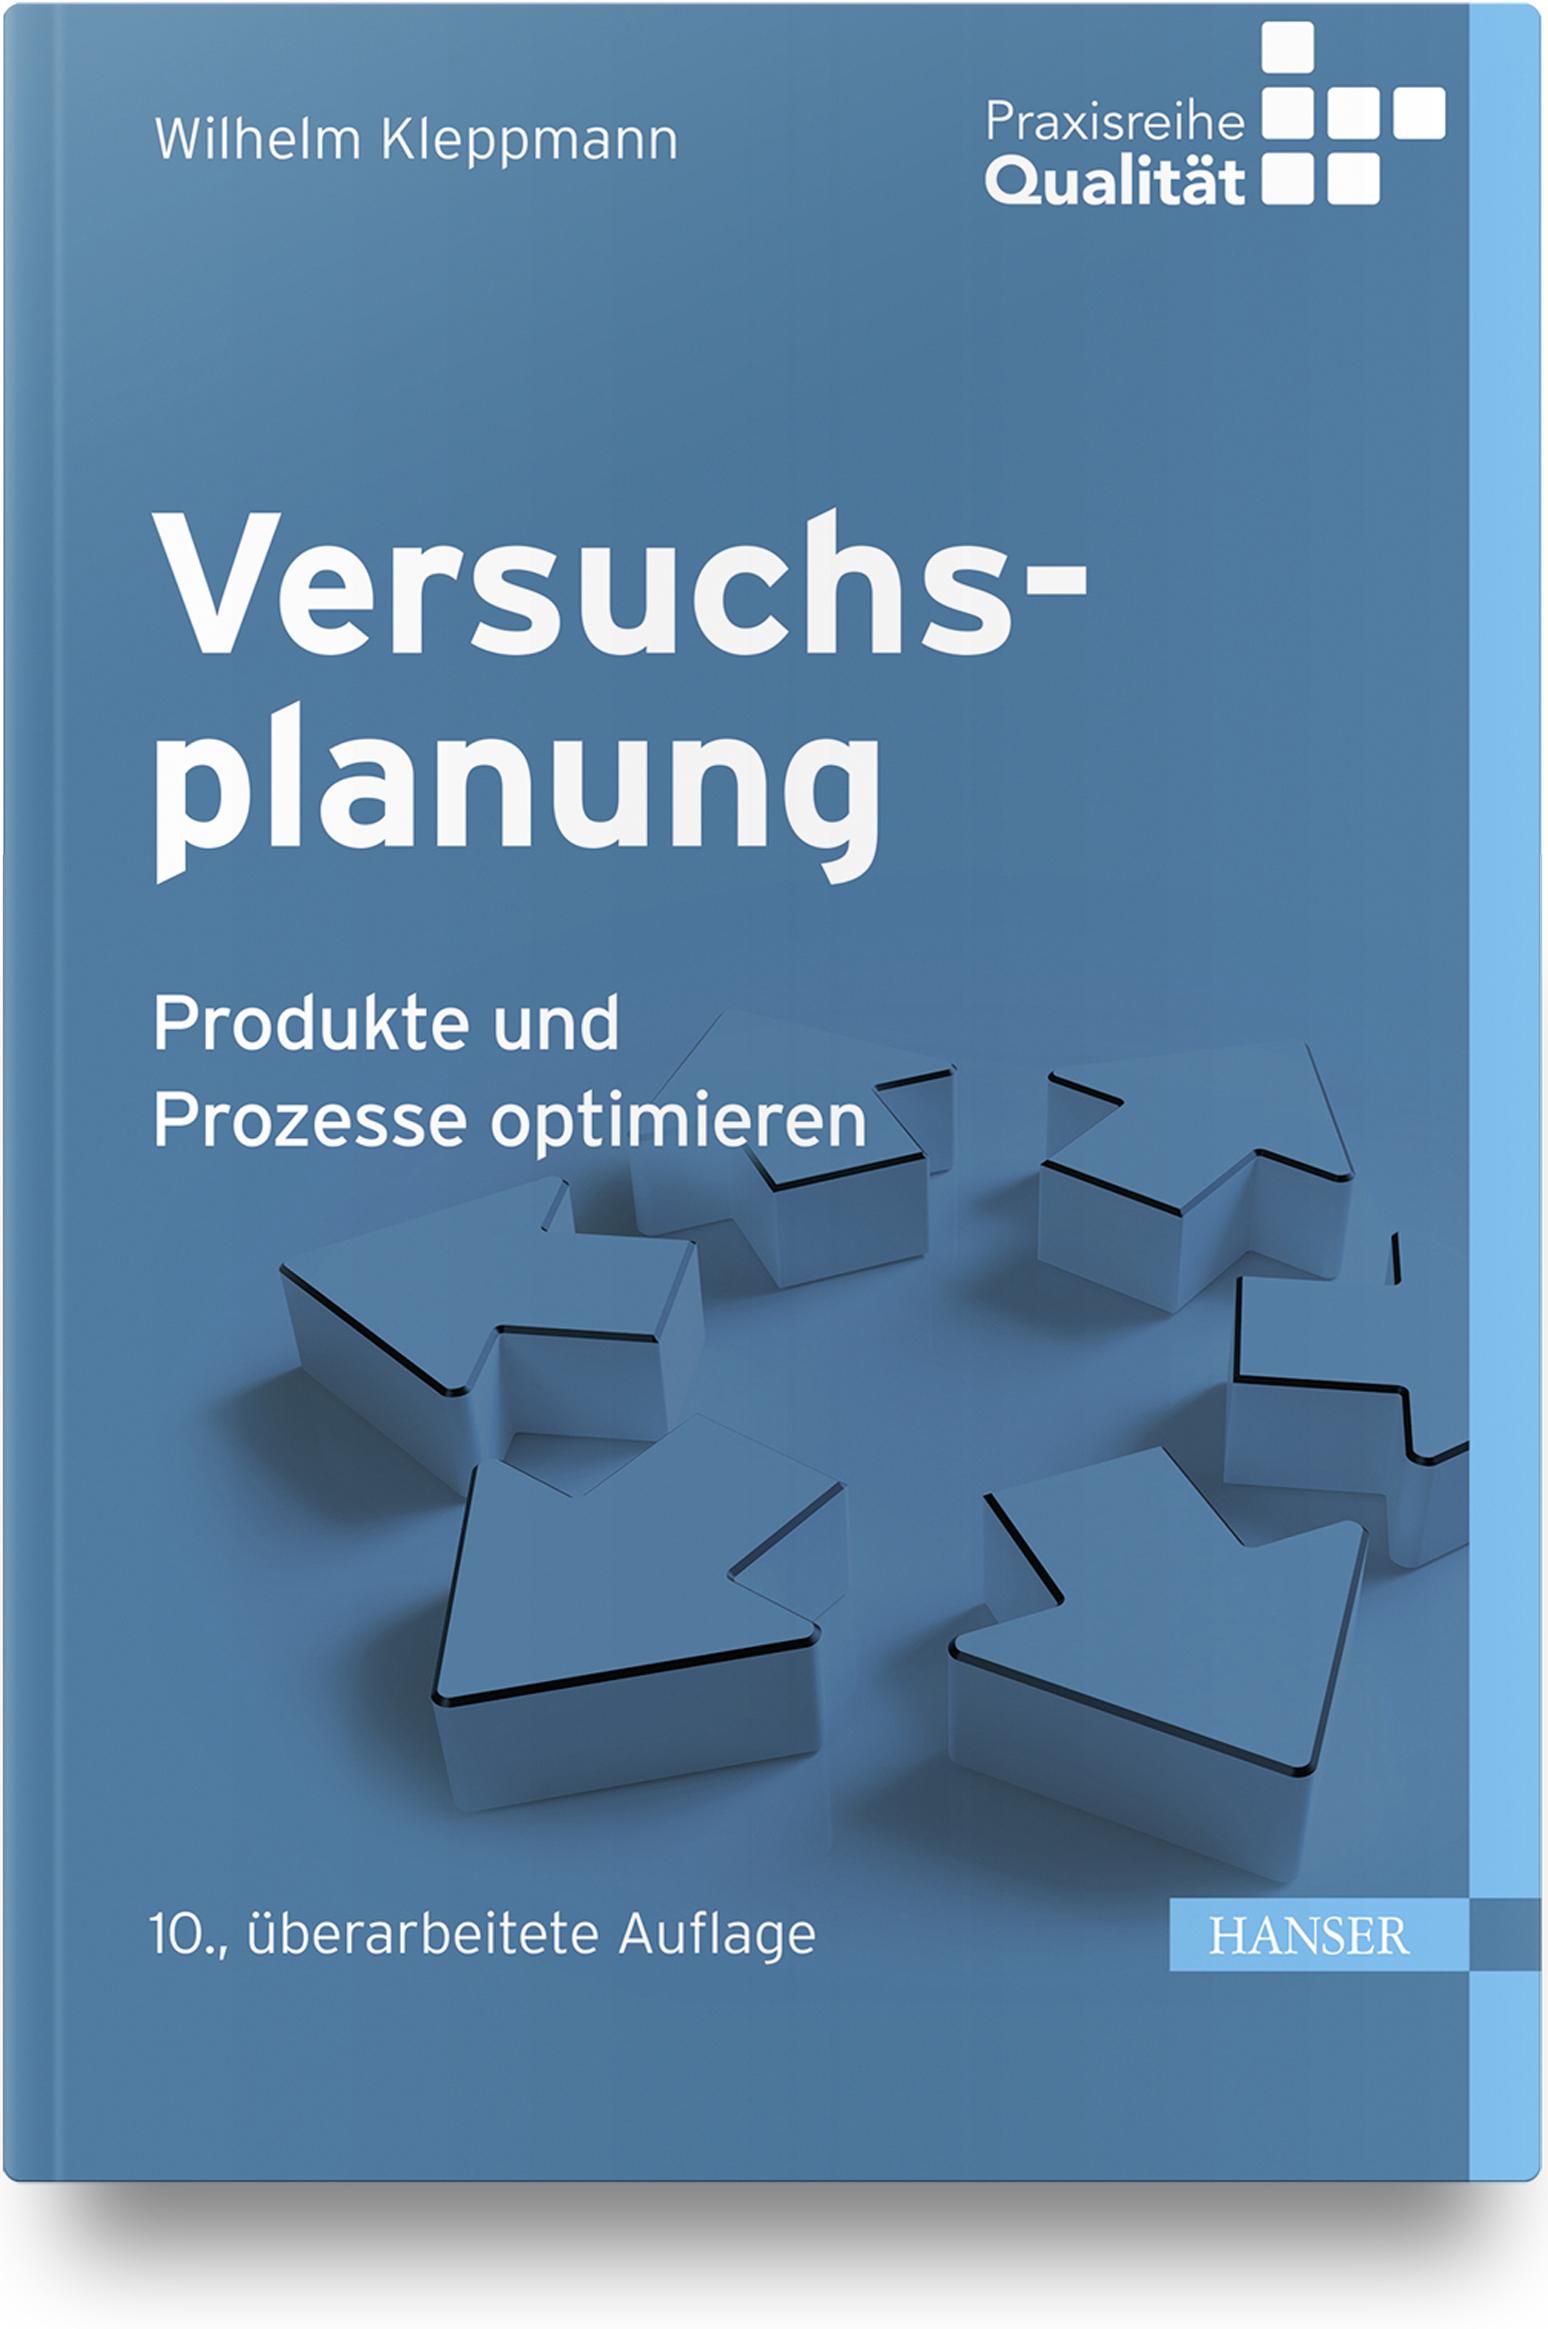 Kleppmann, Versuchsplanung, 978-3-446-46146-8